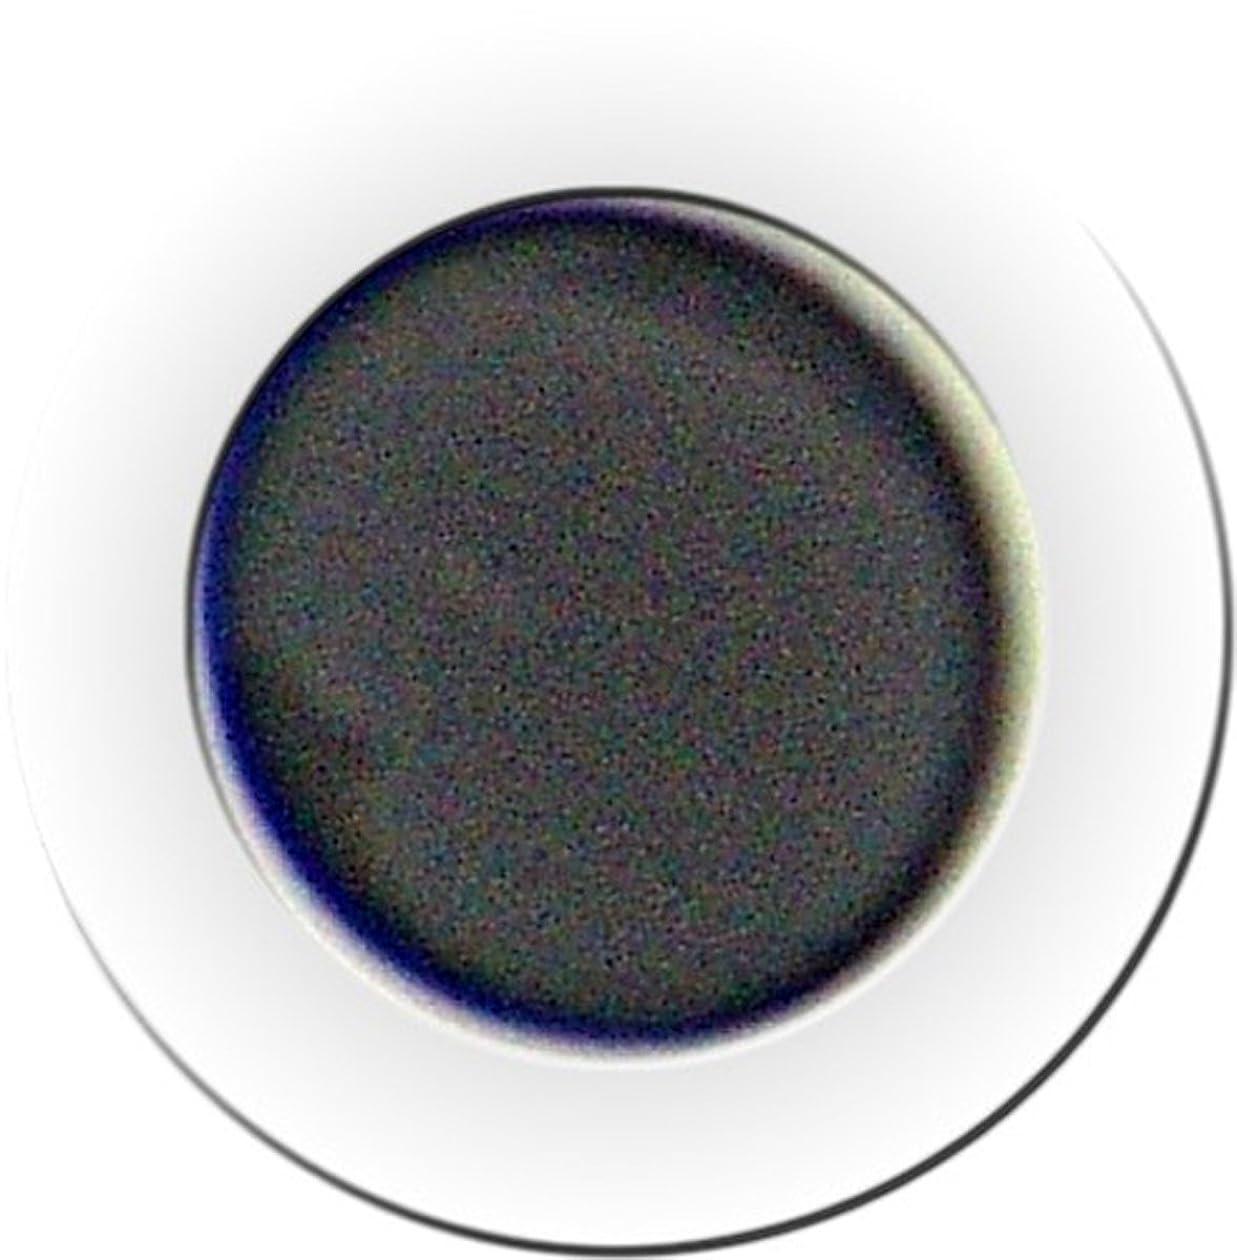 夜の動物園ブッシュ関数カラーパウダー 7g カーボン